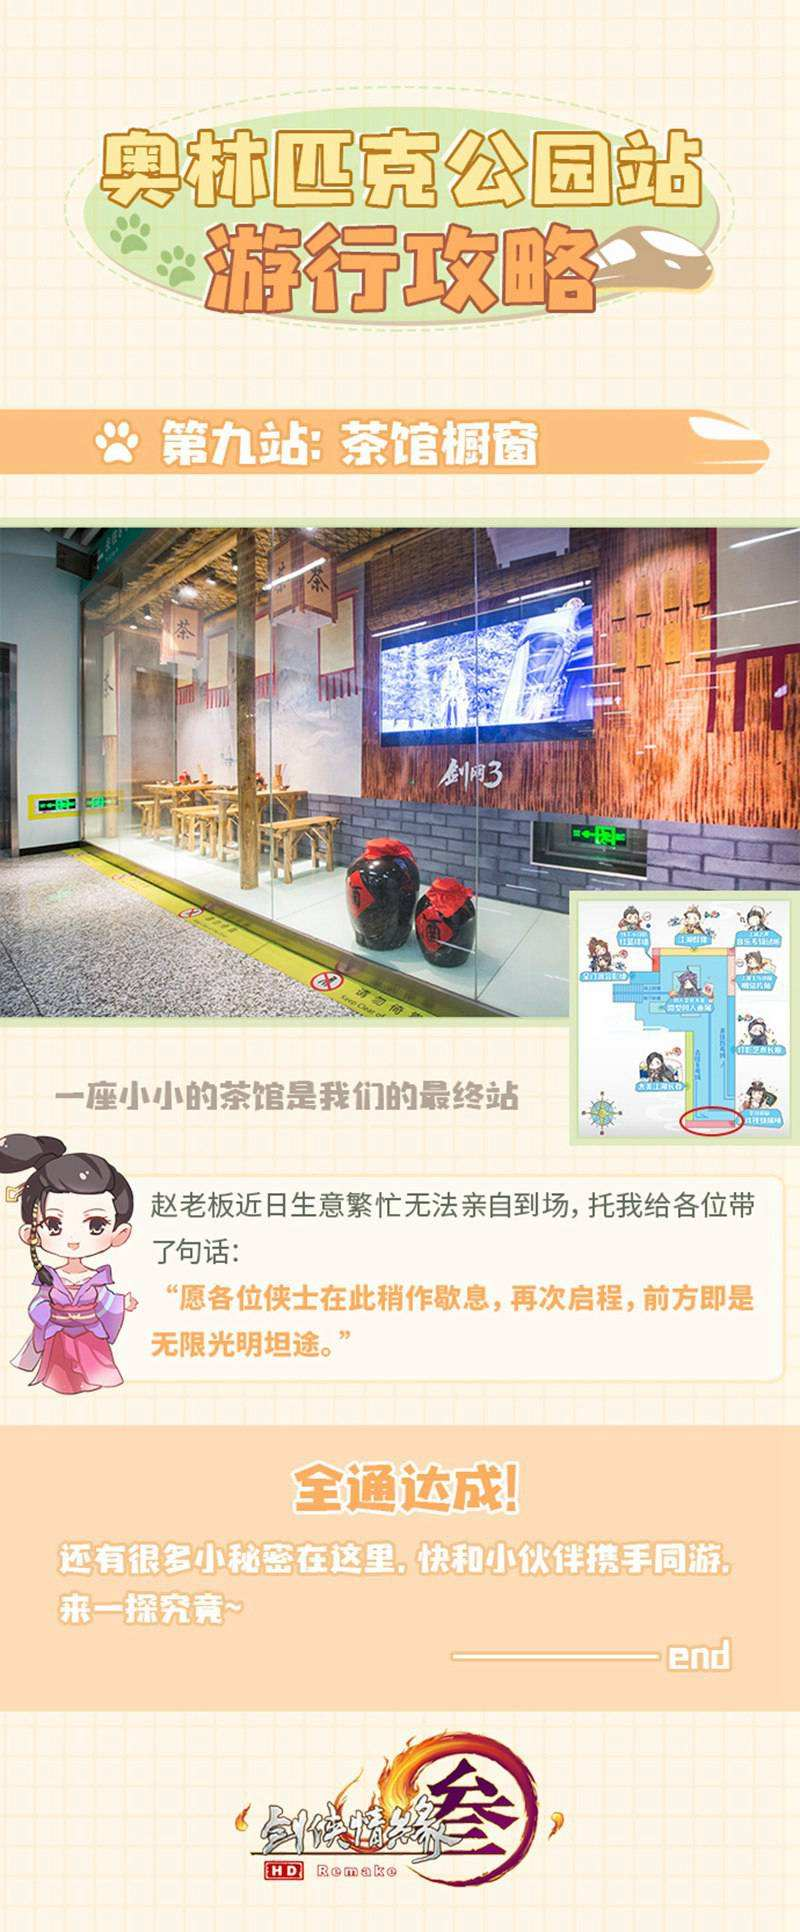 《剑网3》包场奥体公园地铁站穿越全景江湖